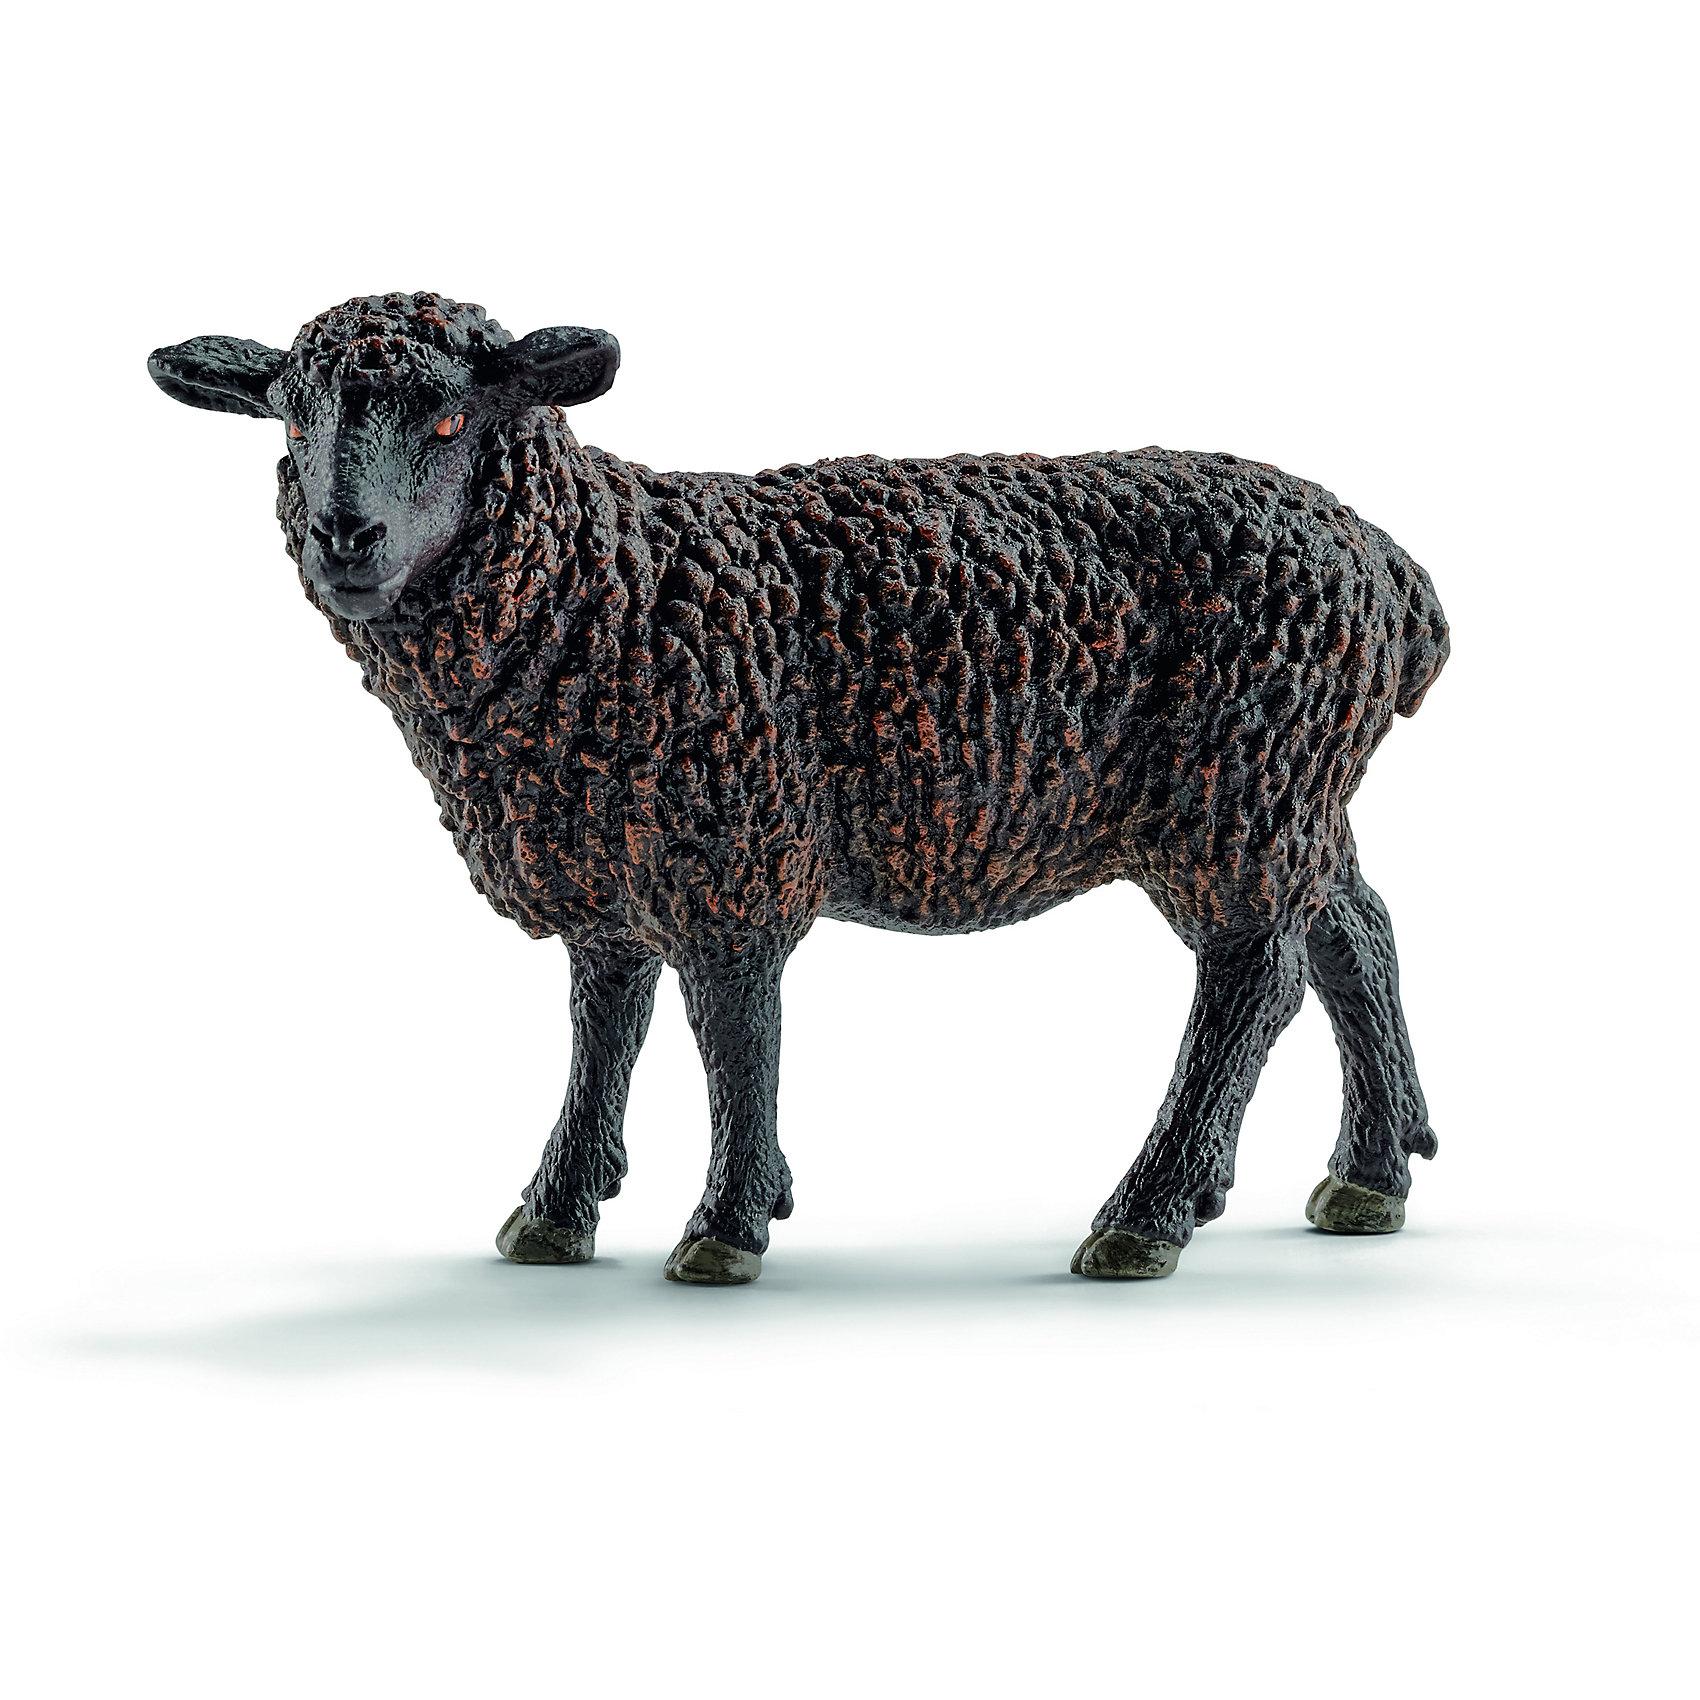 Черная овечка, SchleichМир животных<br>Черная овечка, Schleich (Шляйх) – это высококачественная коллекционная и игровая фигурка.<br>Фигурка Черной овечки прекрасно разнообразит игру вашего ребенка и станет отличным пополнением коллекции его фигурок животных. Типичный цвет овечьей шерсти белый, но иногда рождаются черные ягнята. Держать чёрных овец было коммерчески невыгодно, так как их шерсть низко ценилась, её невозможно было выкрасить в желаемый цвет. Поэтому чёрных овец отбраковывали, не допуская к размножению. Во многих европейских языках аналогом русского выражения «белая ворона» является «чёрная овца». <br>Прекрасно выполненные фигурки Schleich (Шляйх) являются максимально точной копией настоящих животных и отличаются высочайшим качеством игрушек ручной работы. Каждая фигурка разработана с учетом исследований в области педагогики и производится как настоящее произведение для маленьких детских ручек. Все фигурки Schleich (Шляйх) сделаны из гипоаллергенных высокотехнологичных материалов, раскрашены вручную и не вызывают аллергии у ребенка.<br><br>Дополнительная информация:<br><br>- Размер фигурки: 6,5 x 9 x 3,5 см.<br>- Материал: высококачественный каучуковый пластик<br><br>Фигурку Черной овечки, Schleich (Шляйх) можно купить в нашем интернет-магазине.<br><br>Ширина мм: 98<br>Глубина мм: 90<br>Высота мм: 32<br>Вес г: 57<br>Возраст от месяцев: 36<br>Возраст до месяцев: 96<br>Пол: Унисекс<br>Возраст: Детский<br>SKU: 3902509